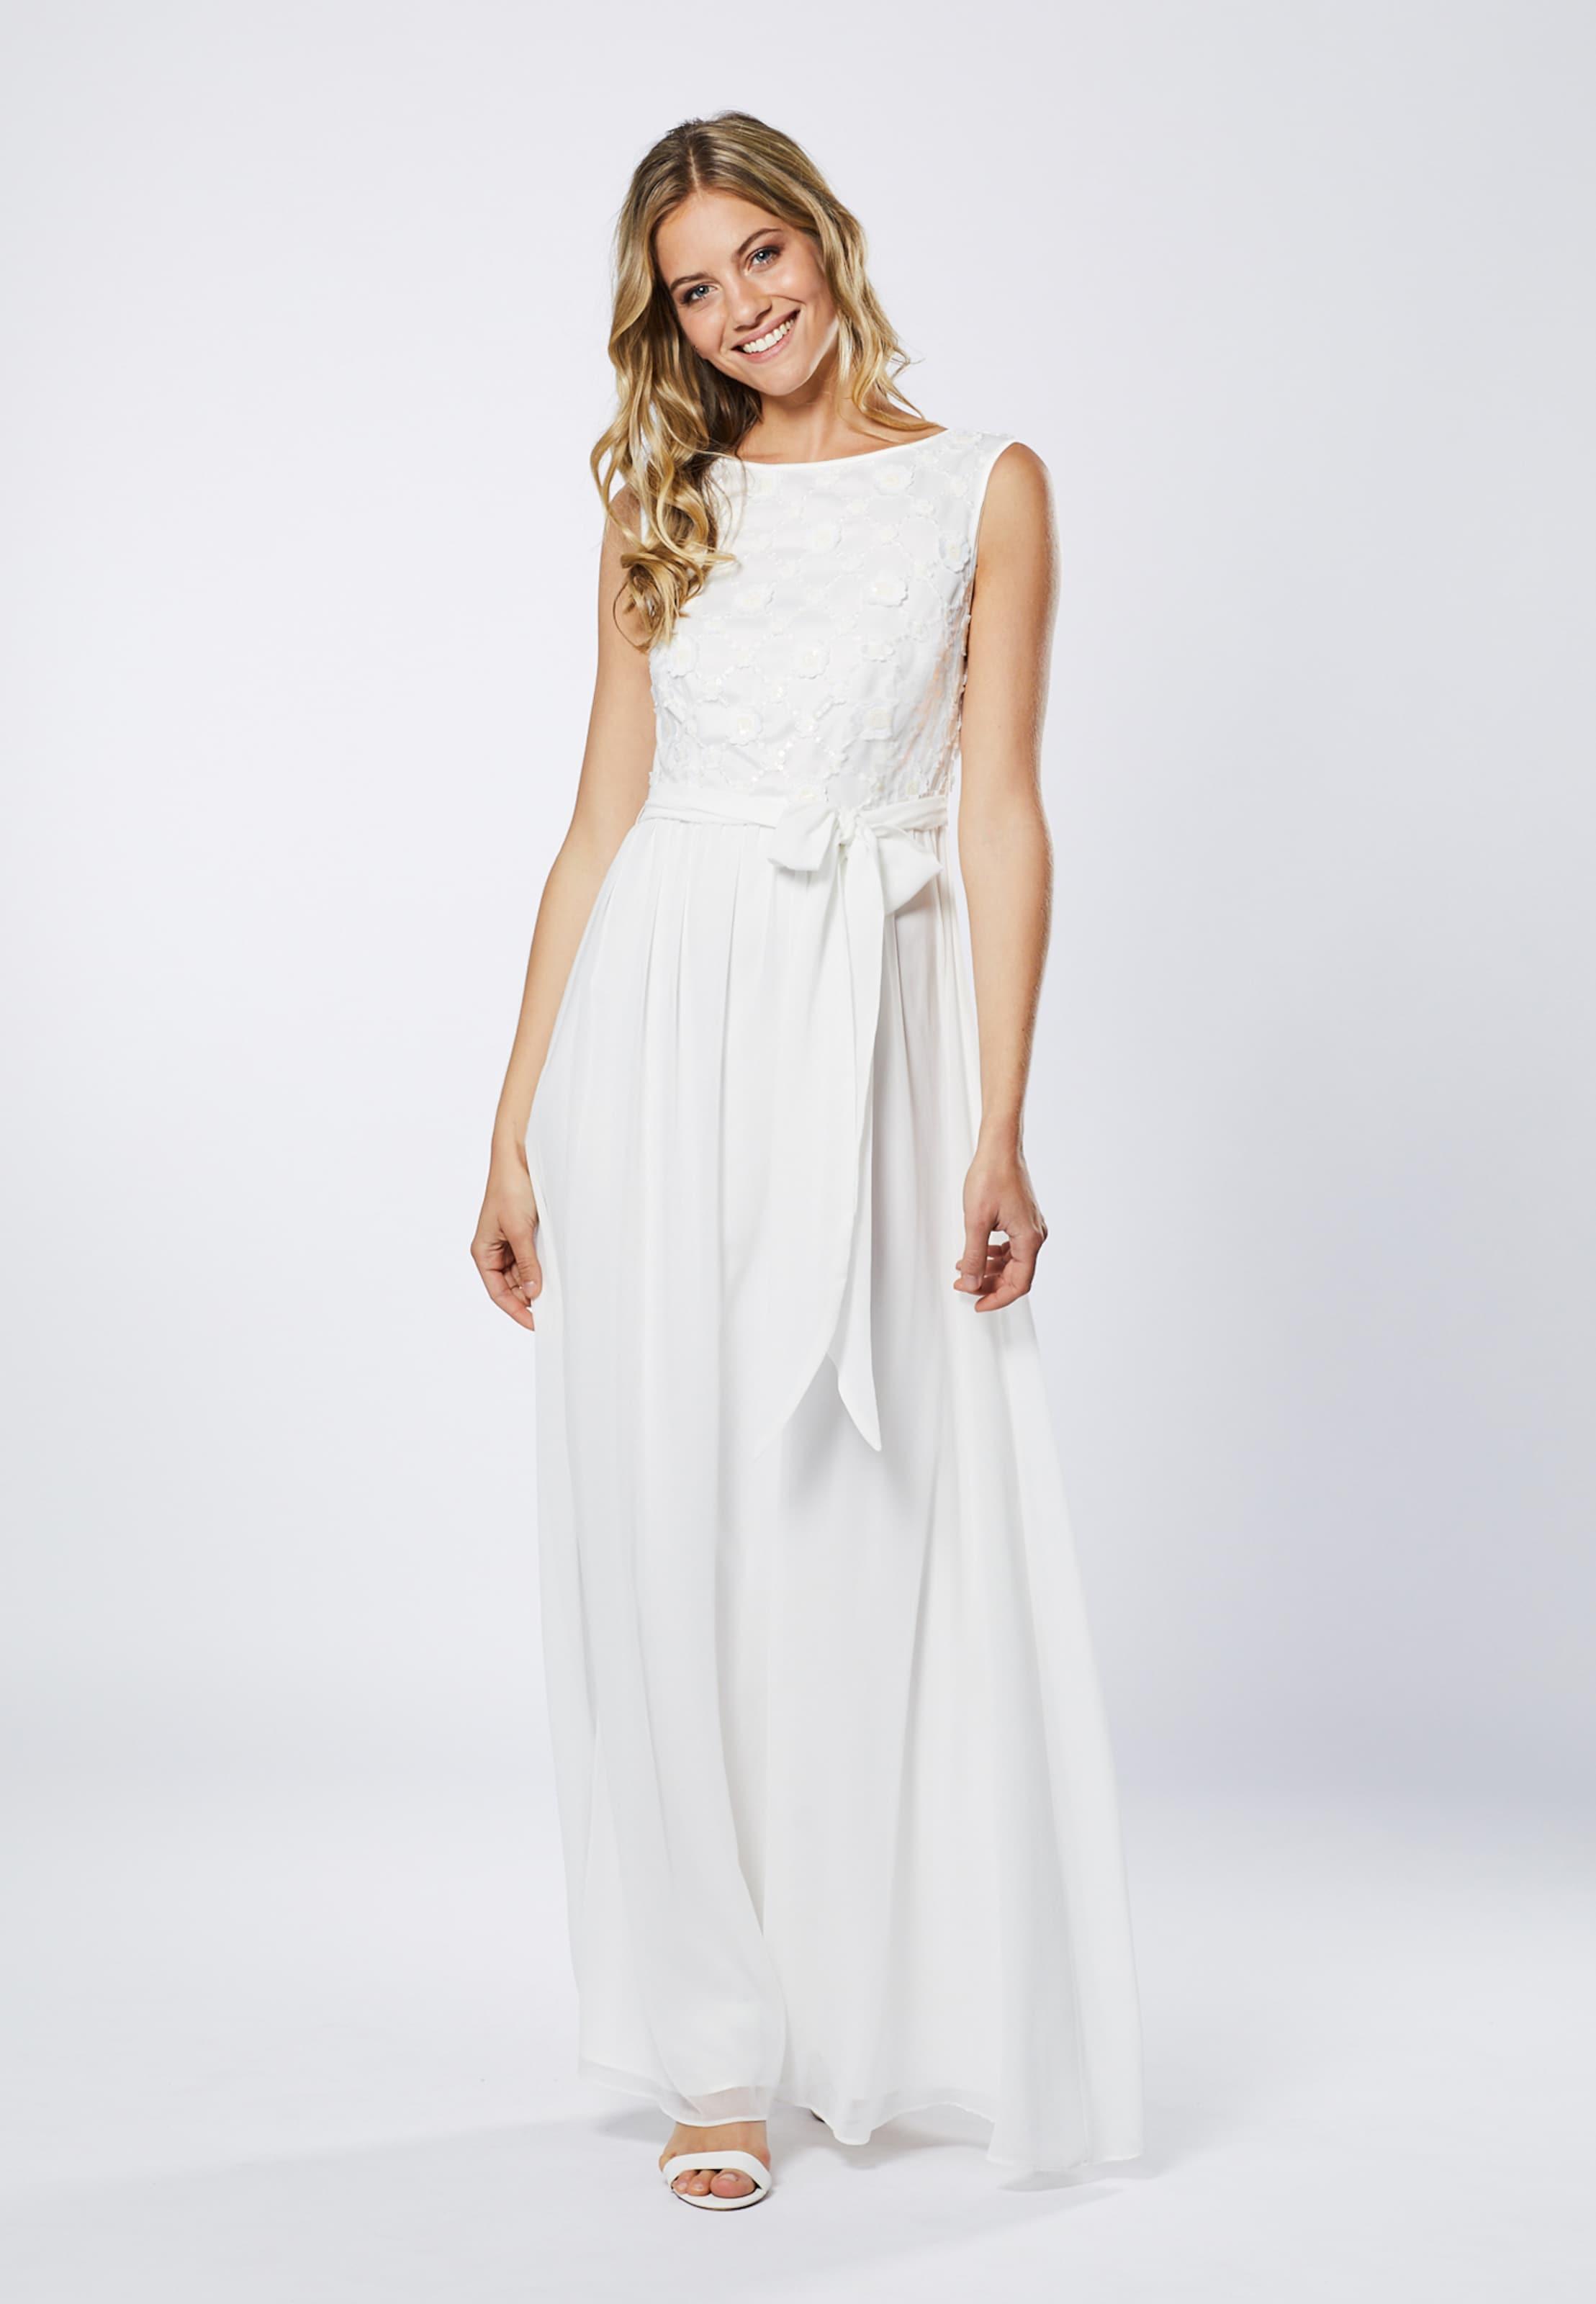 In Couture Kleid Barbara By Schwarzer Young Naturweiß VpMqLSUzG